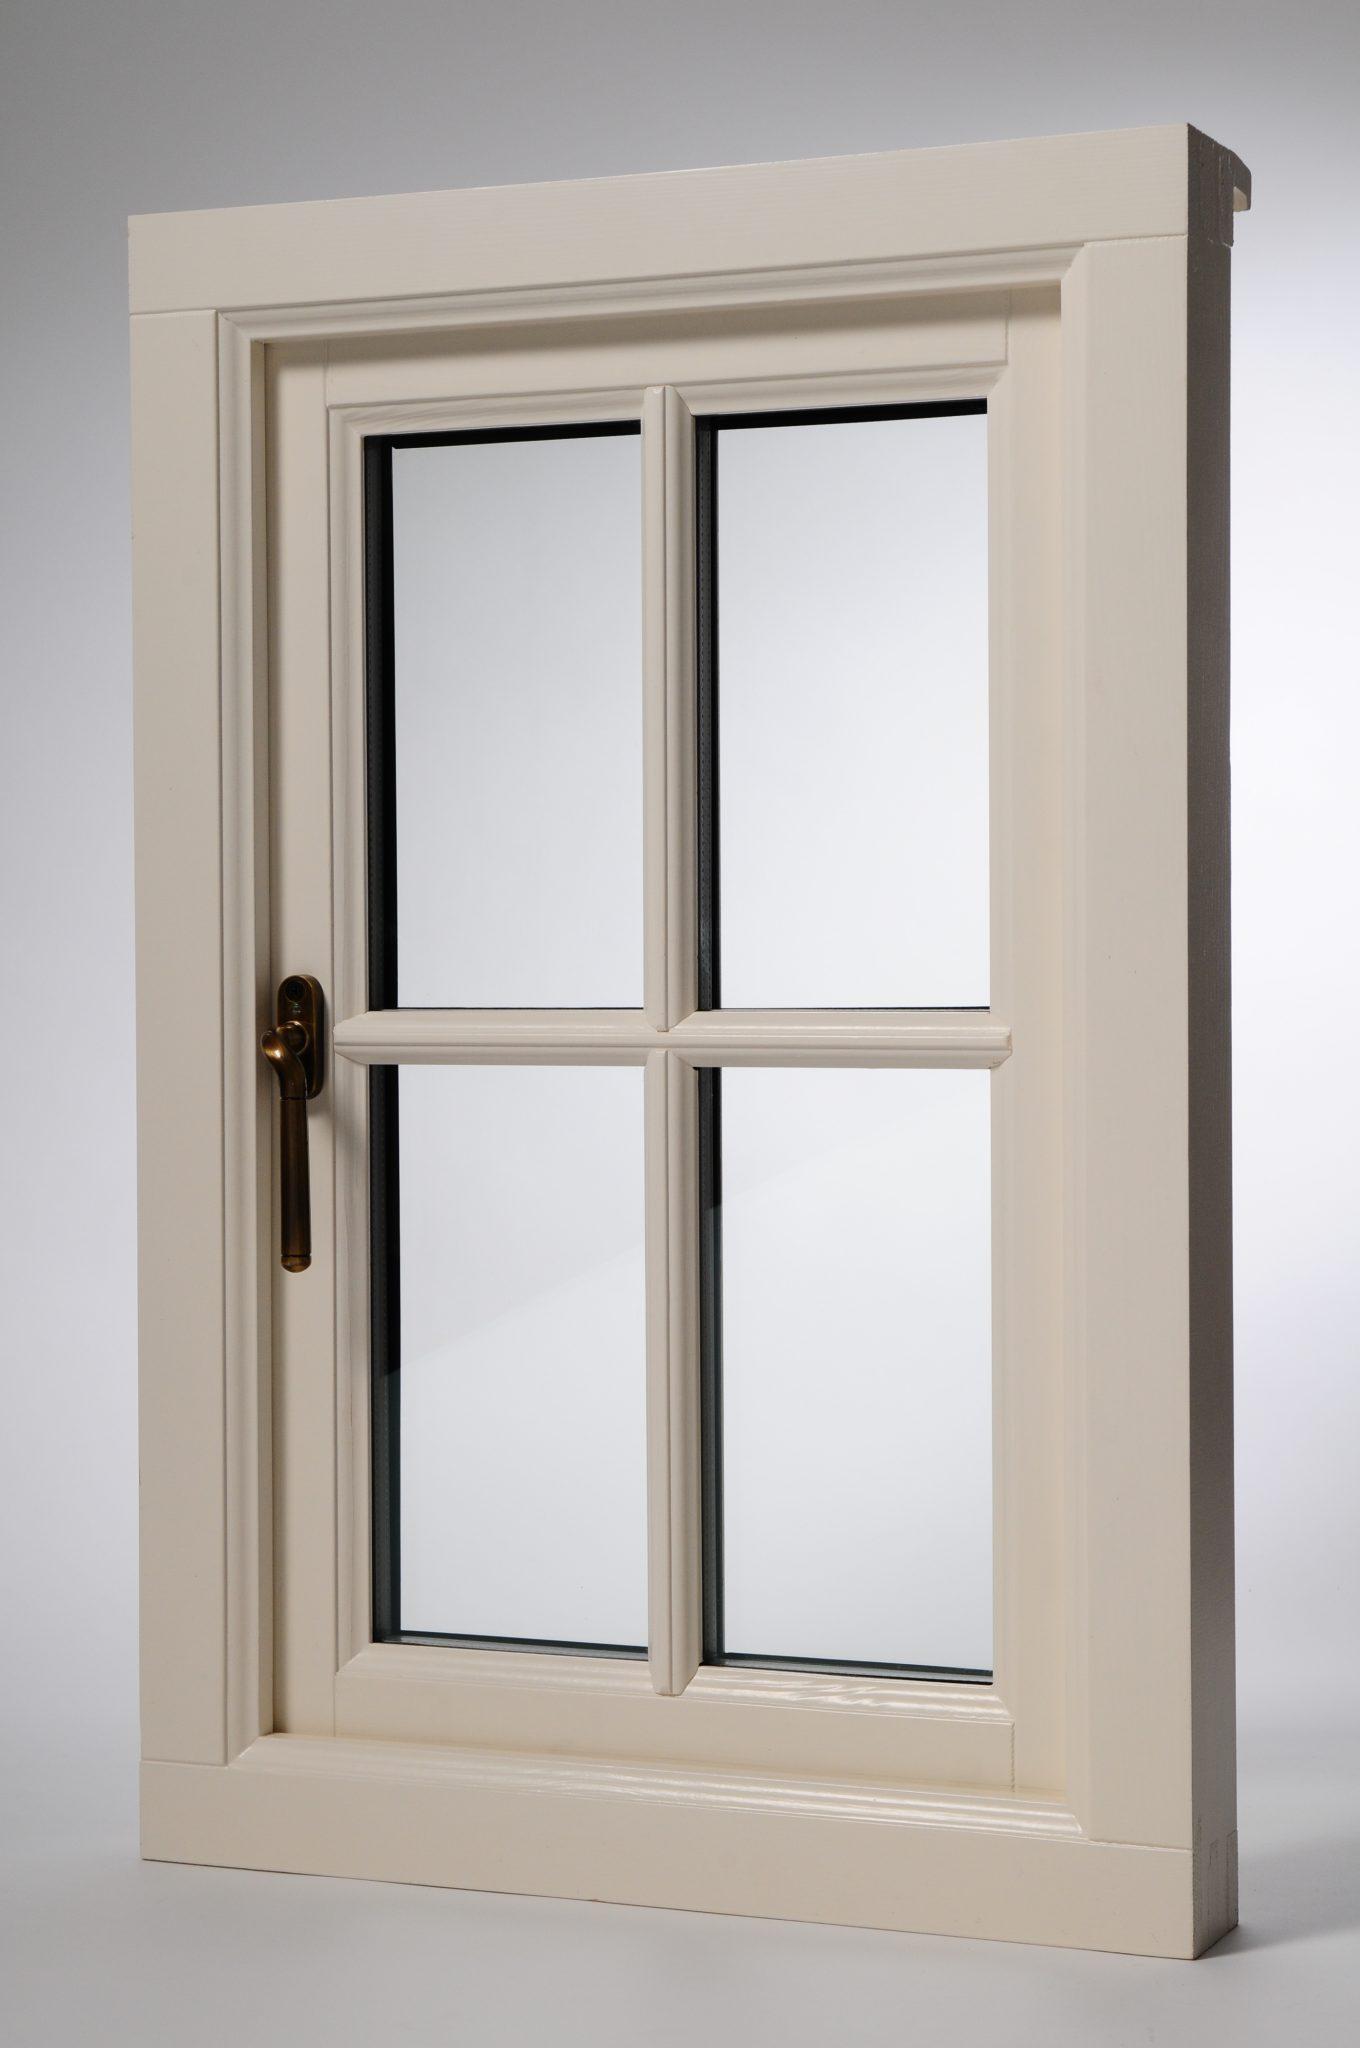 Single casement windows -  685b4d Timber Flush Casement Window Best Casement Windows 6251 Picture 136020486251